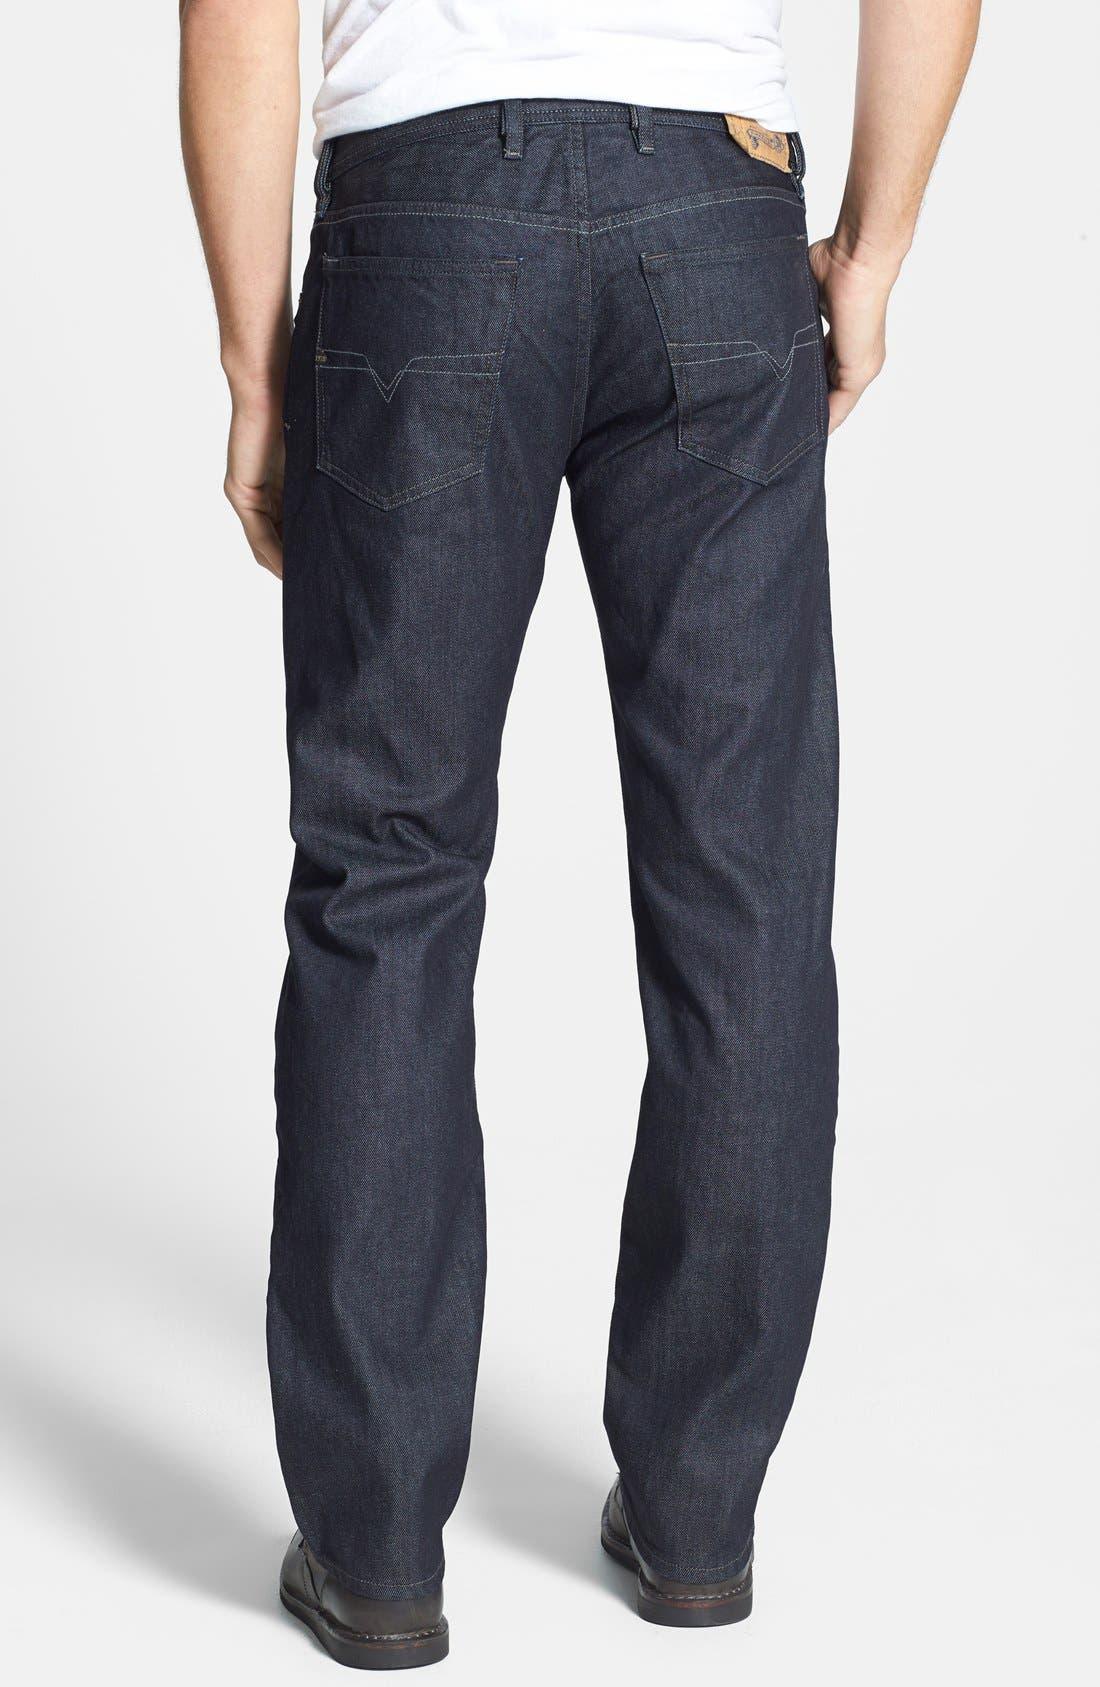 Waykee Straight Leg Jeans,                             Alternate thumbnail 2, color,